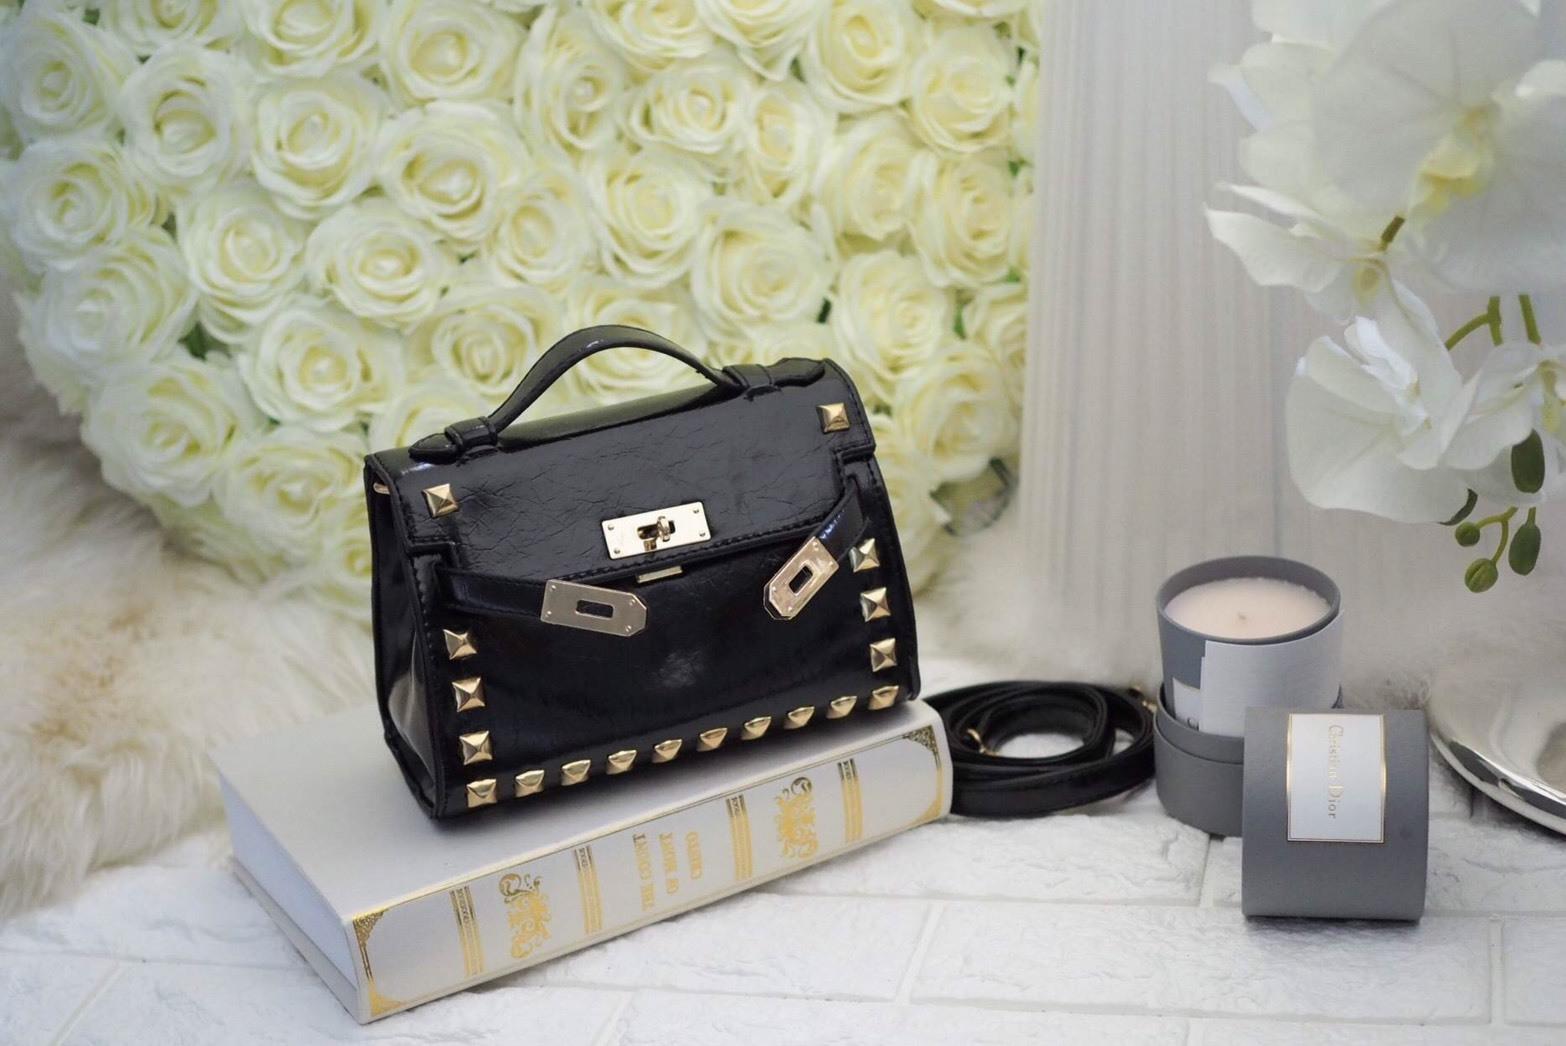 กระเป๋าสะพายข้าง ขนาดมินิ น่ารัก แฟชั่น สไตล์ hermes Magic Bag แต่งหมุด ขนาด 8 นิ้ว ราคา 990 ส่งฟรี ems